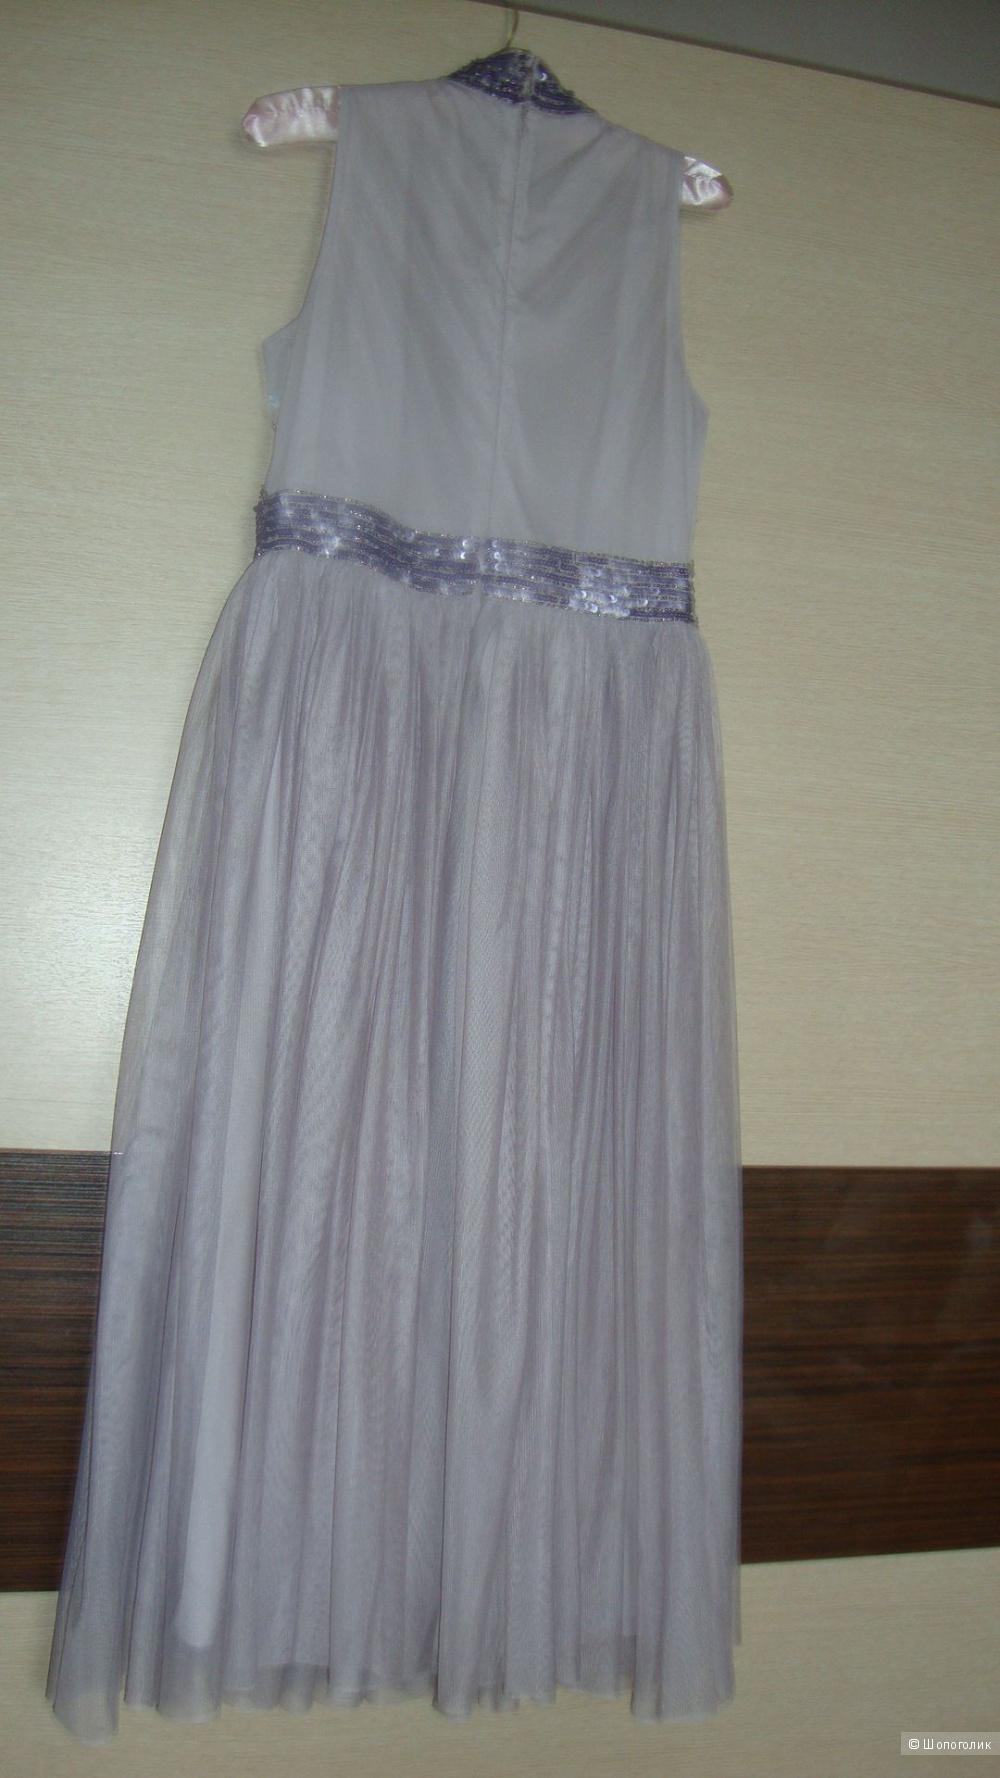 Нарядное платье, Amelia Rose,размер 10.